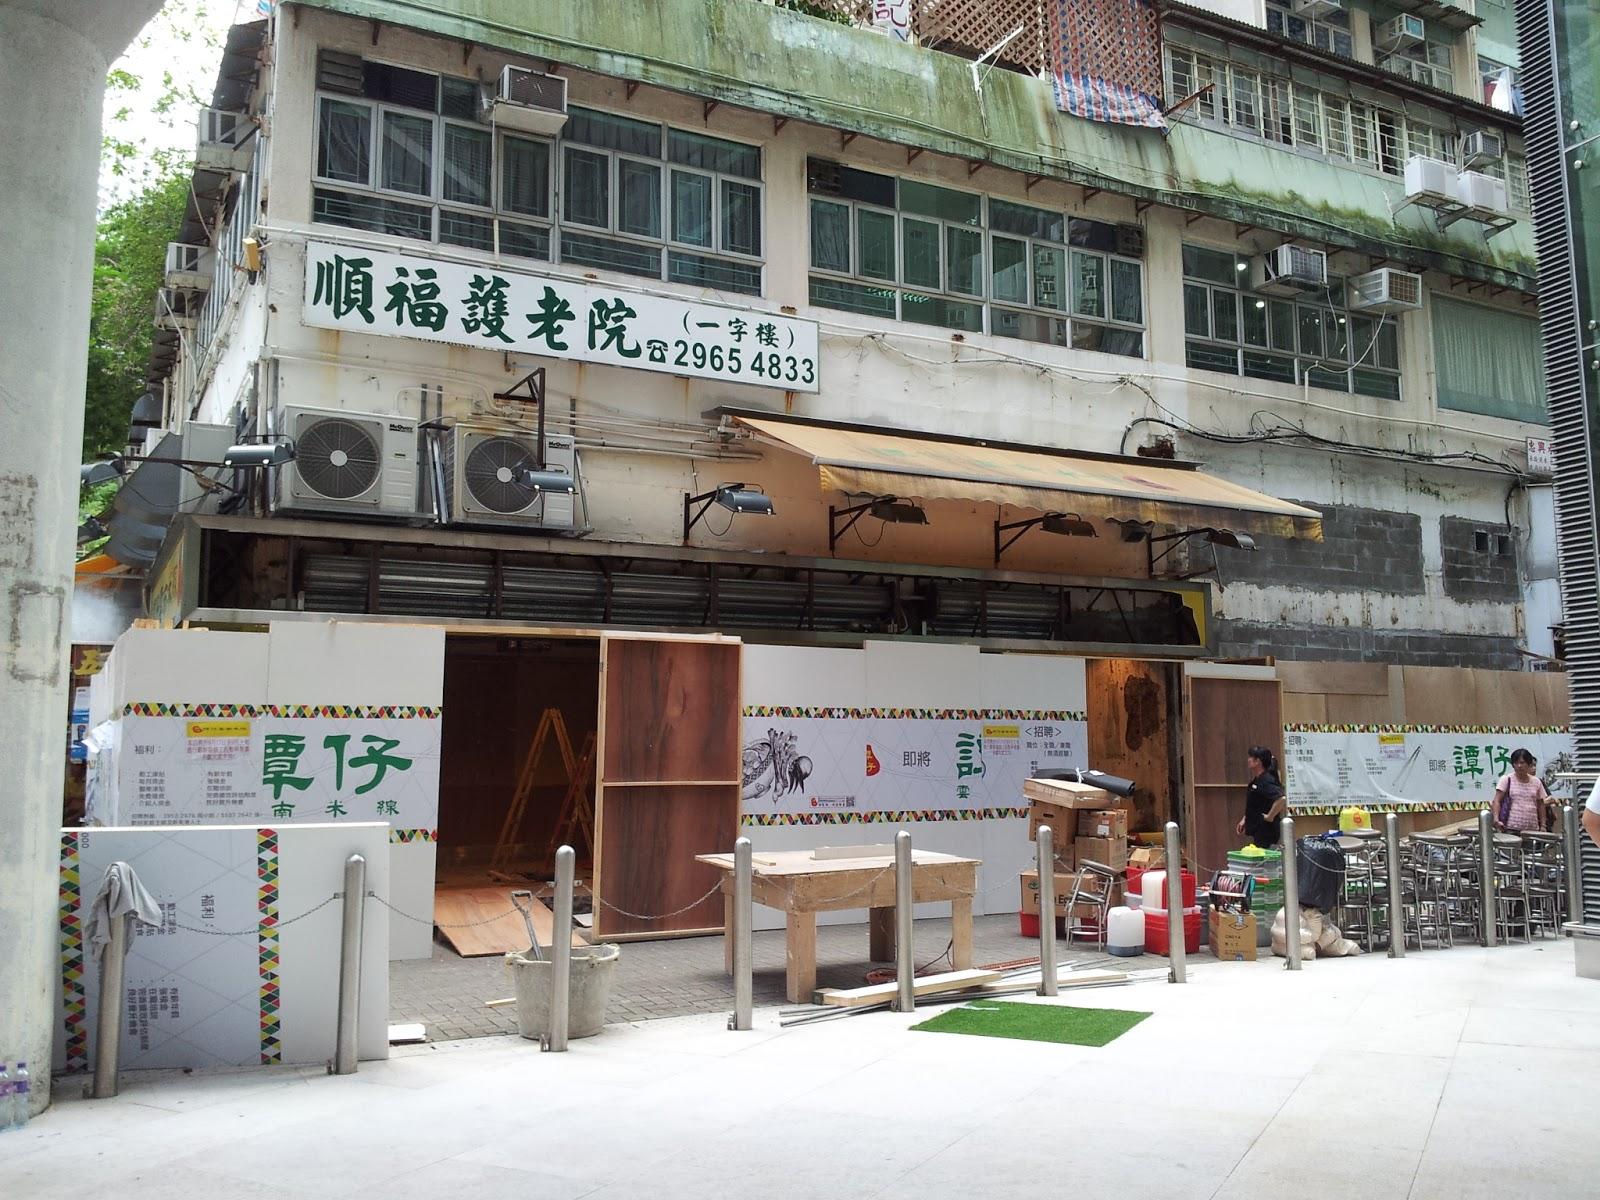 Grassroots O2: 譚仔雲南米線 @柴灣華泰大廈 2011-12-08